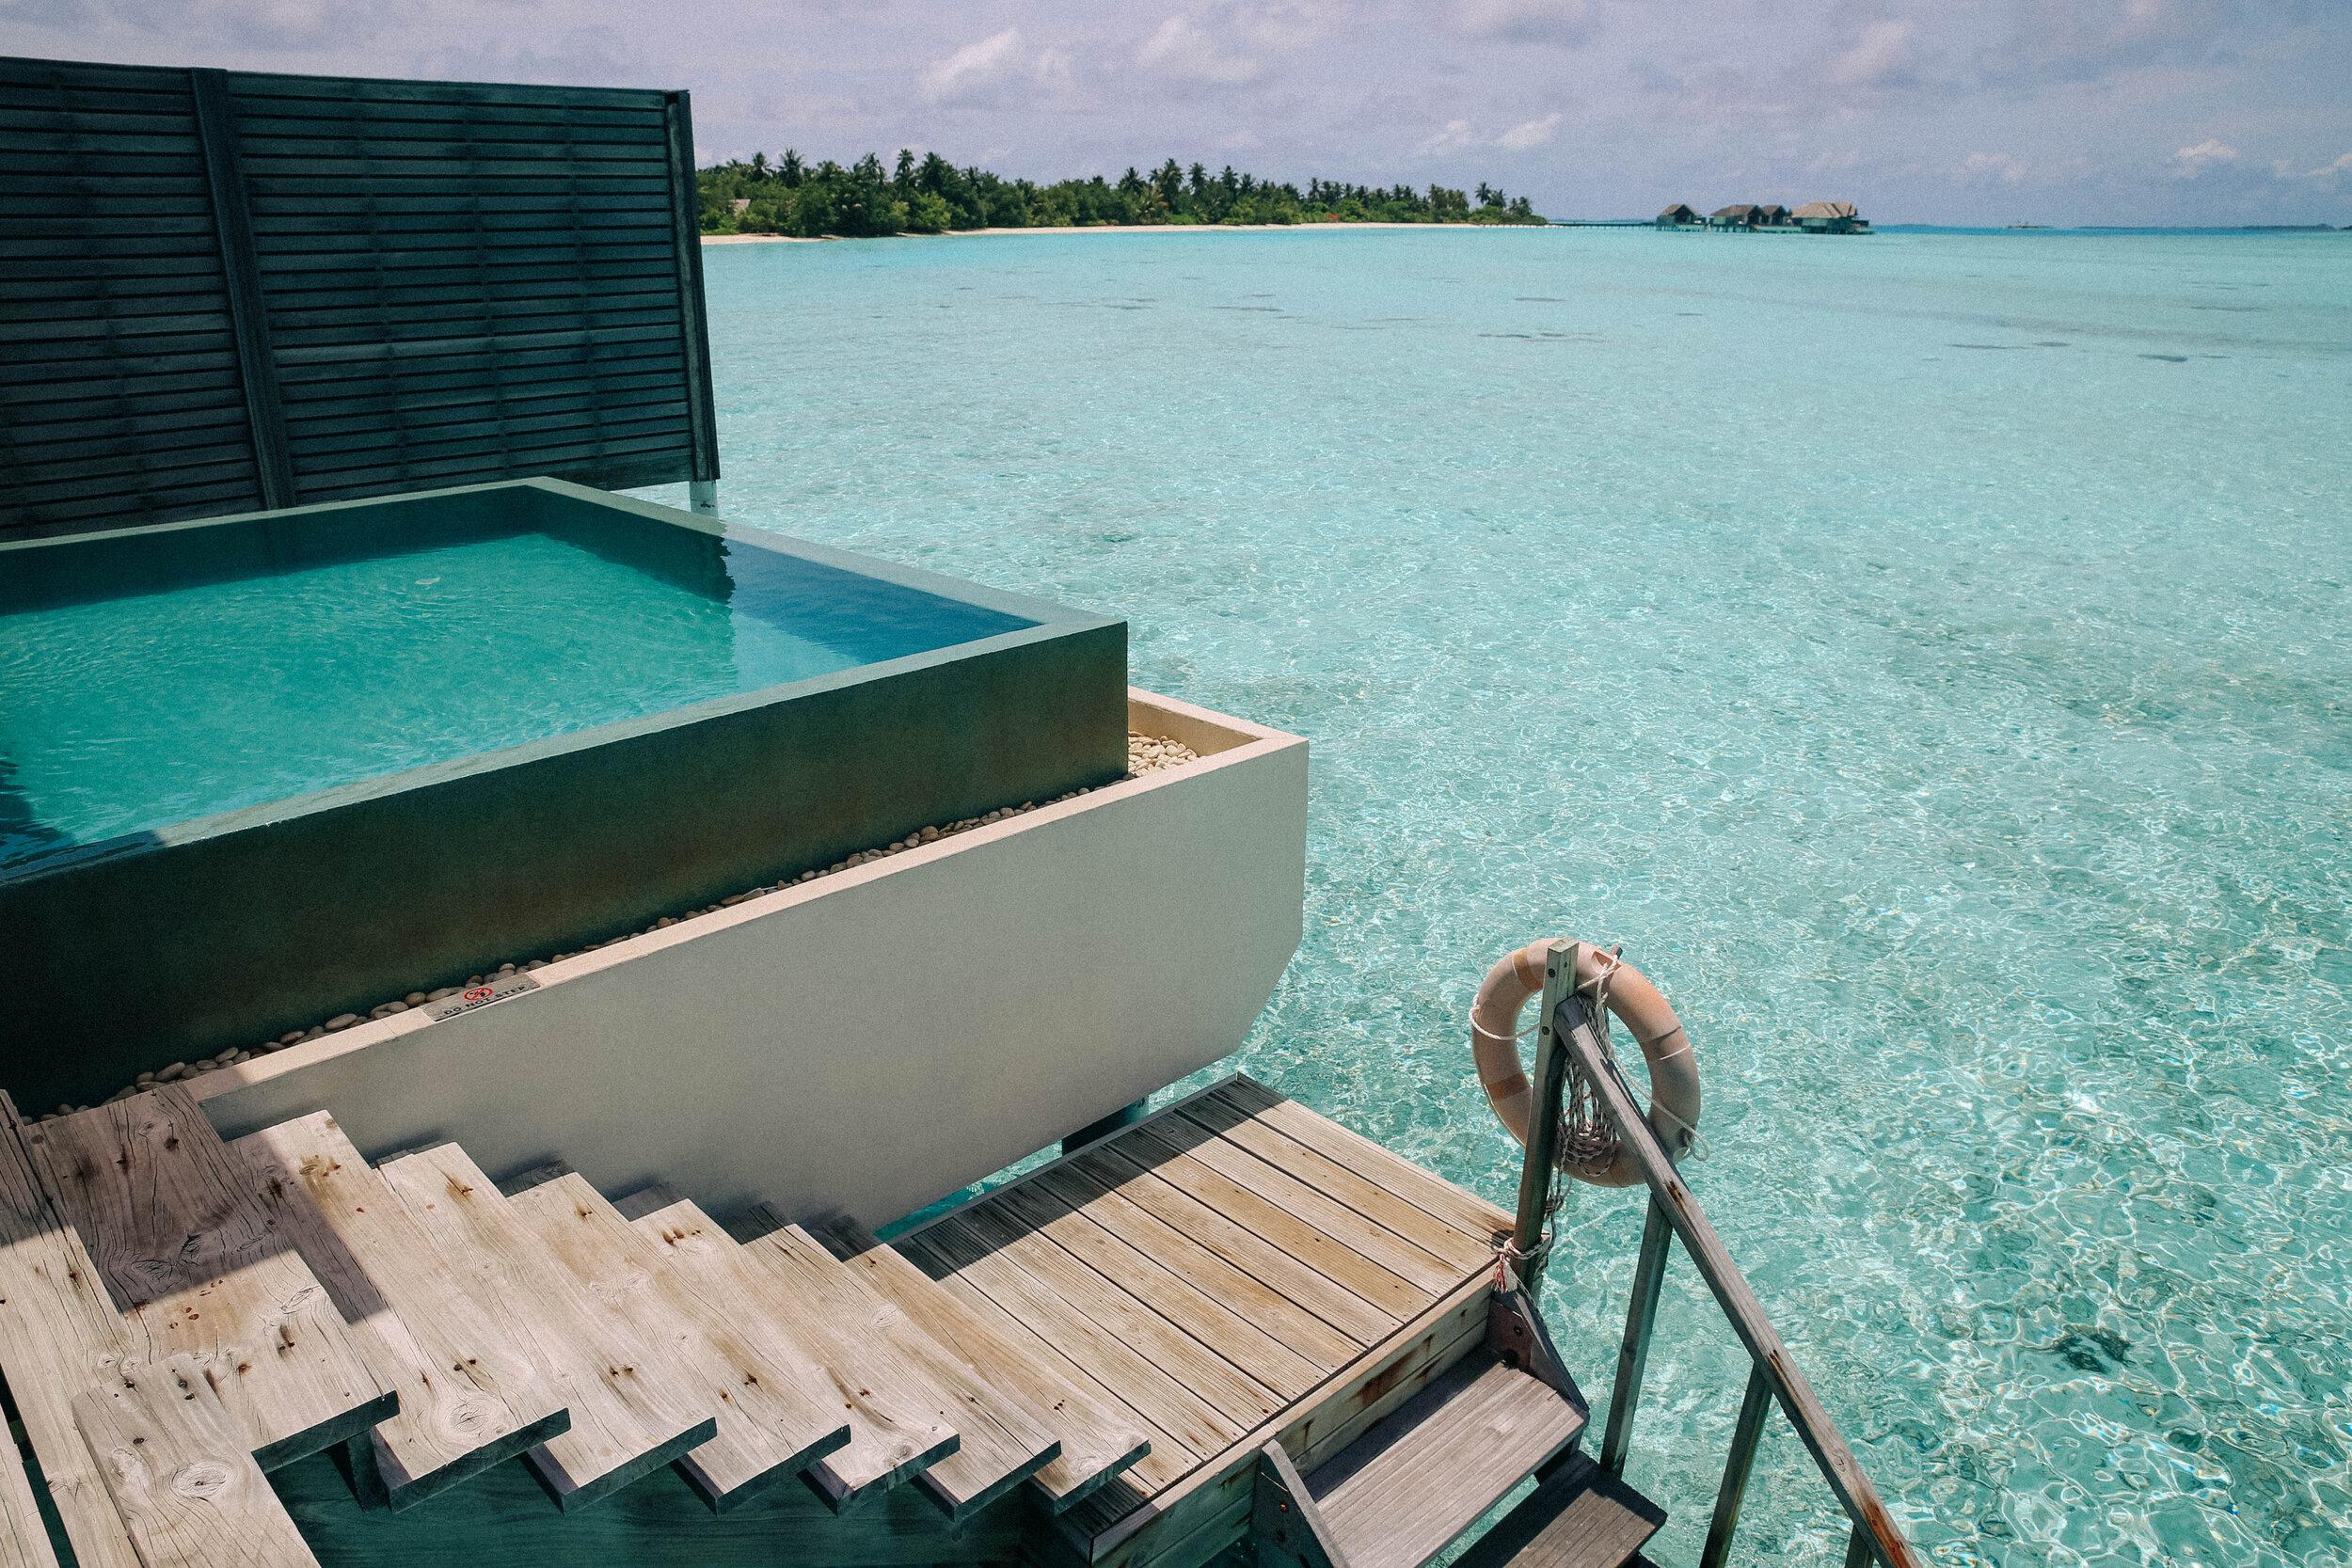 Maldives fitness retreats, niyama resort maldives